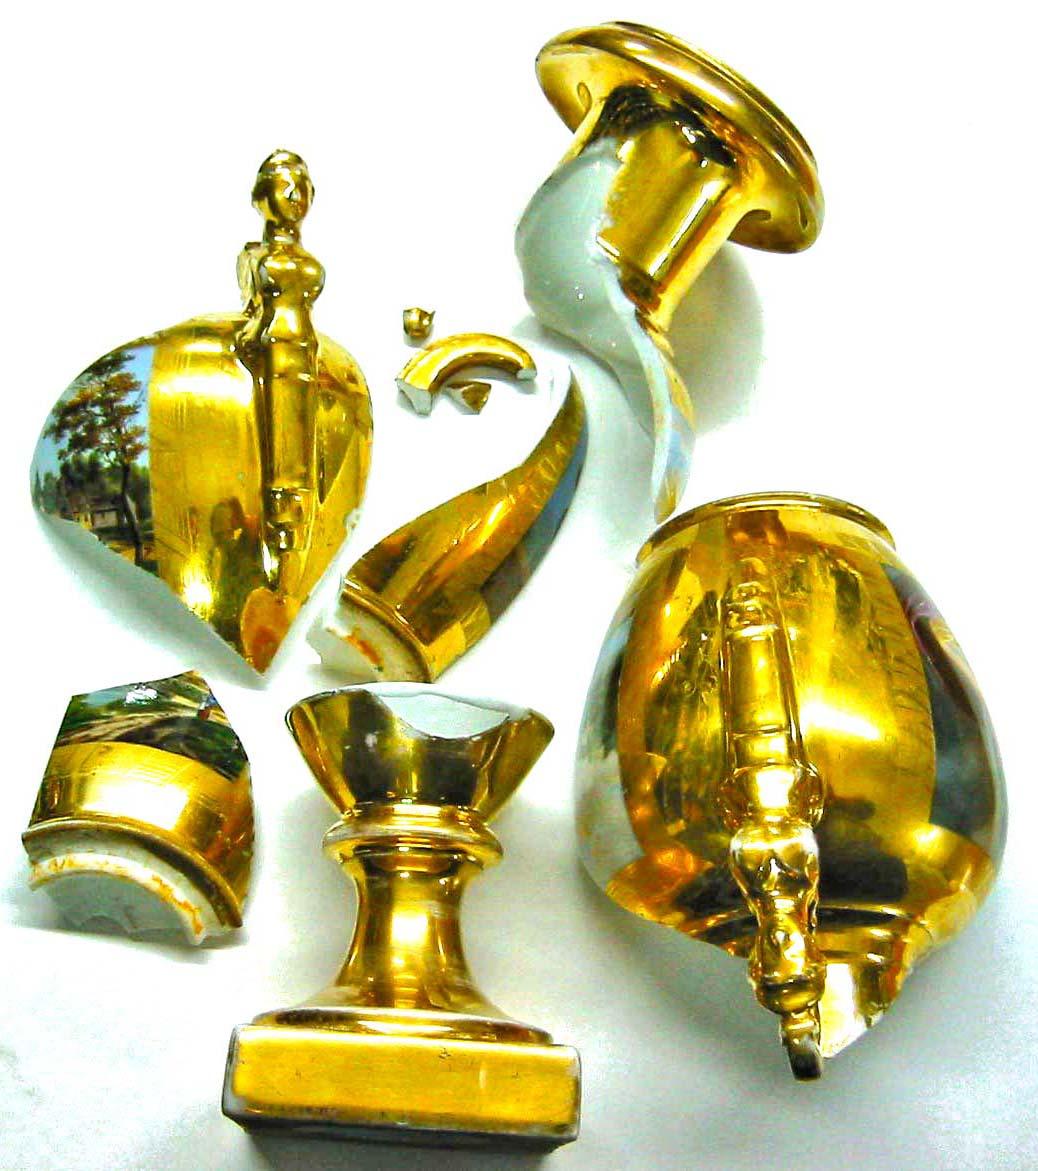 Restoration and Conservation of Porcelain